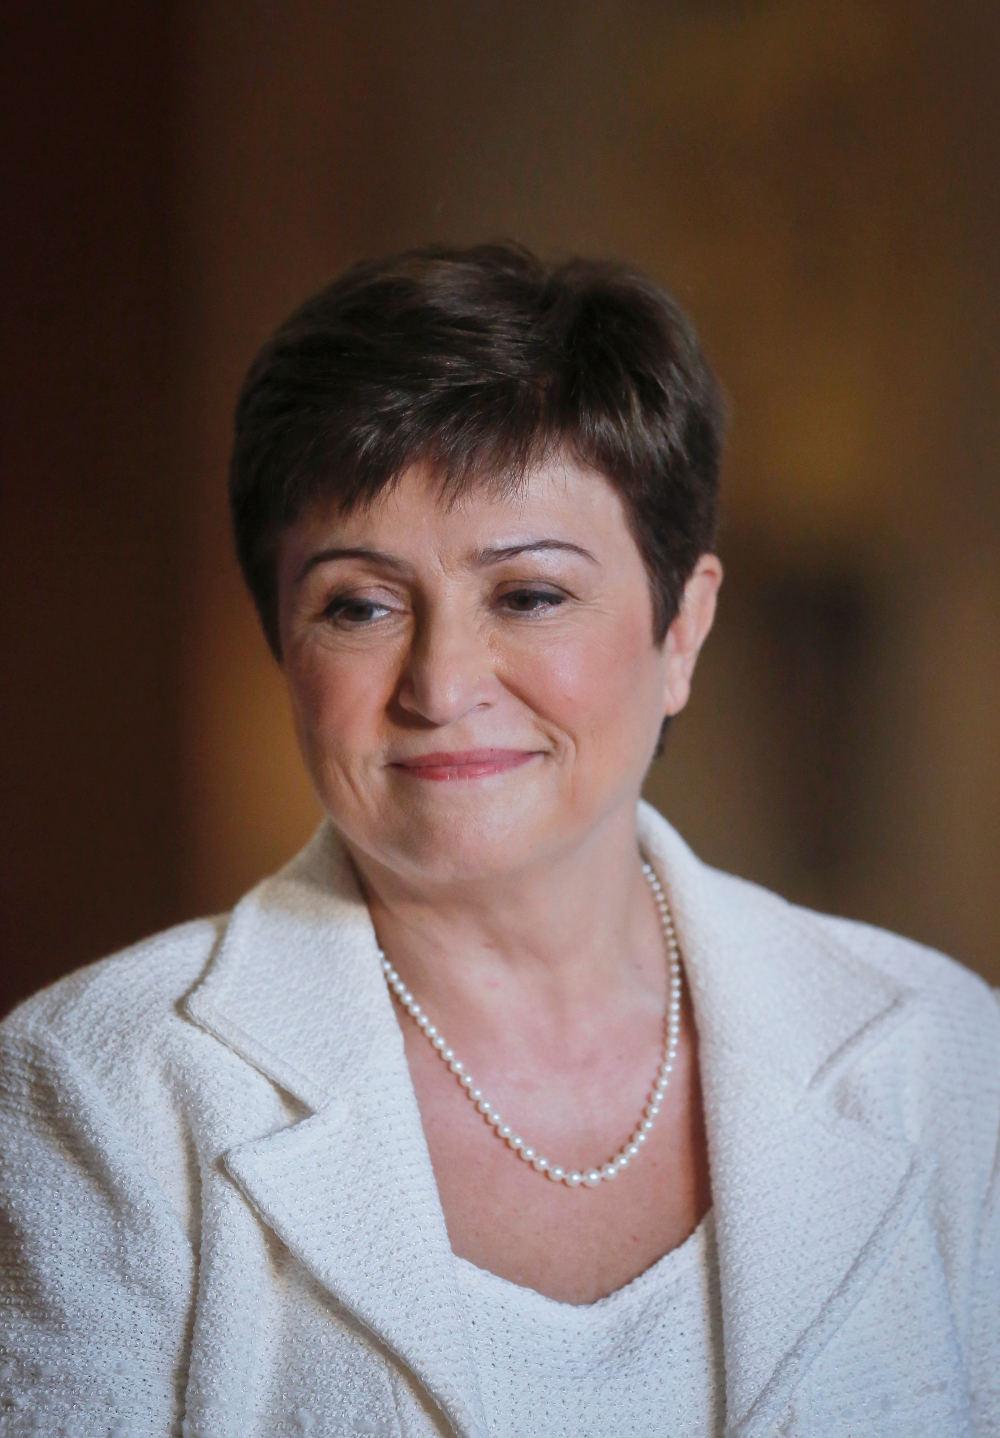 Η πρόταση της ΕΕ για τη διεύθυνση του ΔΝΤ, Κρισταλίνα Γκεοργκίεβα